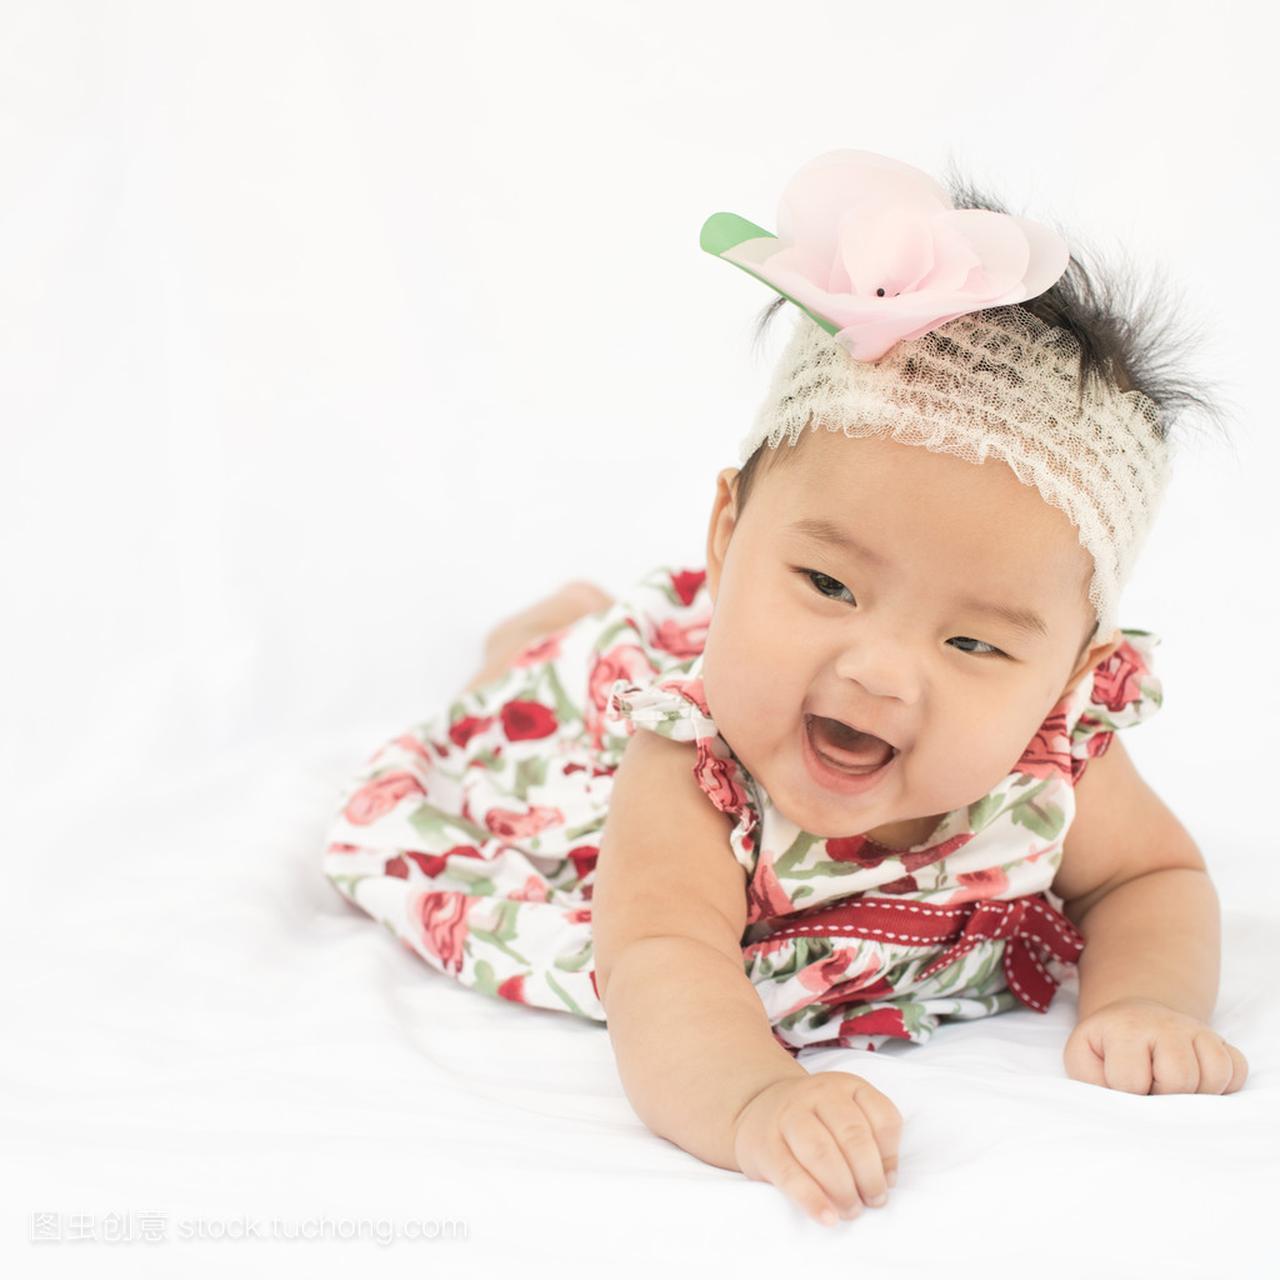 可爱的小宝宝与头带裙子小女孩v头带着玫瑰上课脱女生图片